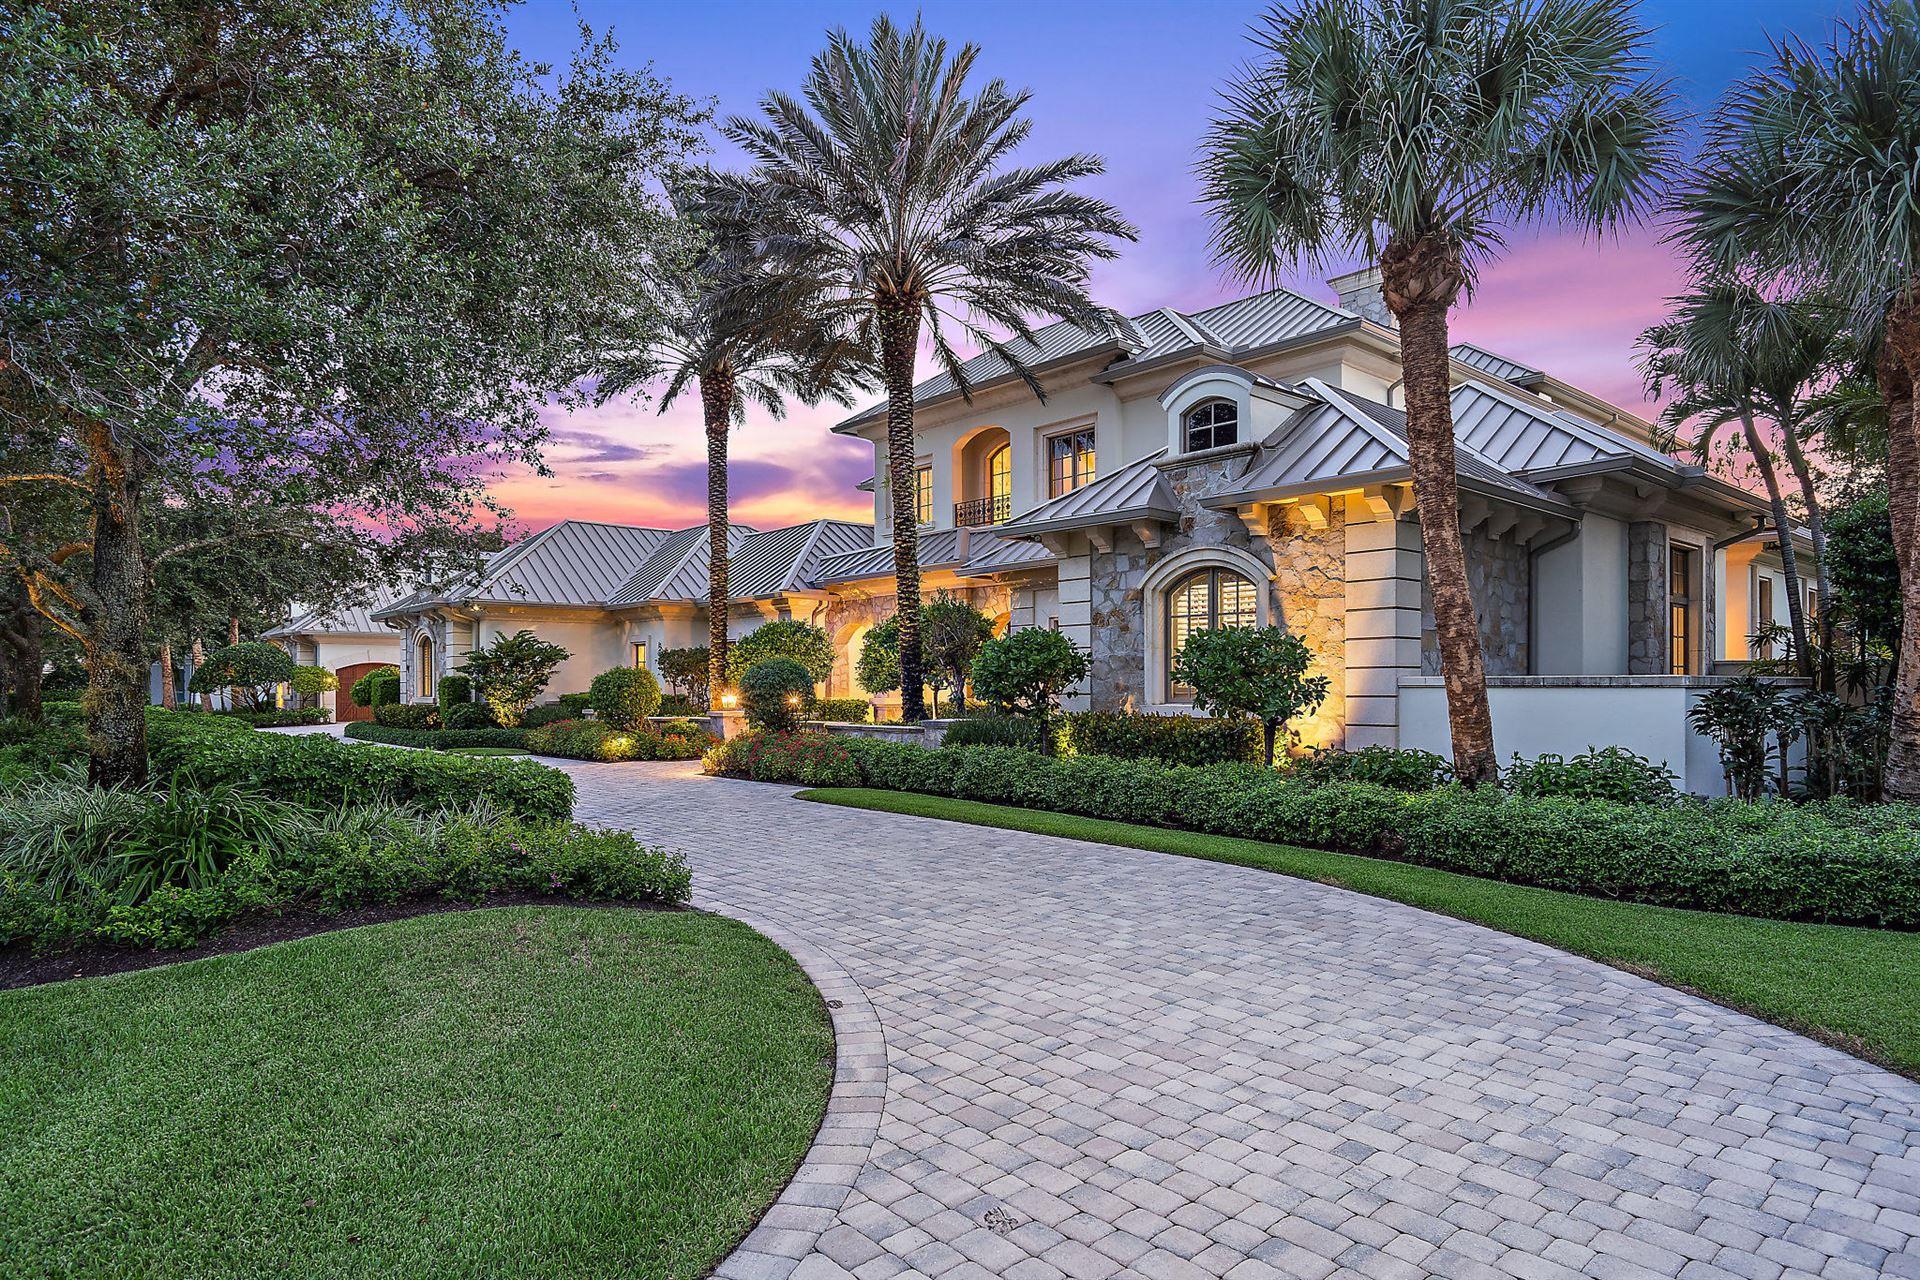 13161 Sabal Chase, Palm Beach Gardens, FL 33418 - #: RX-10639129